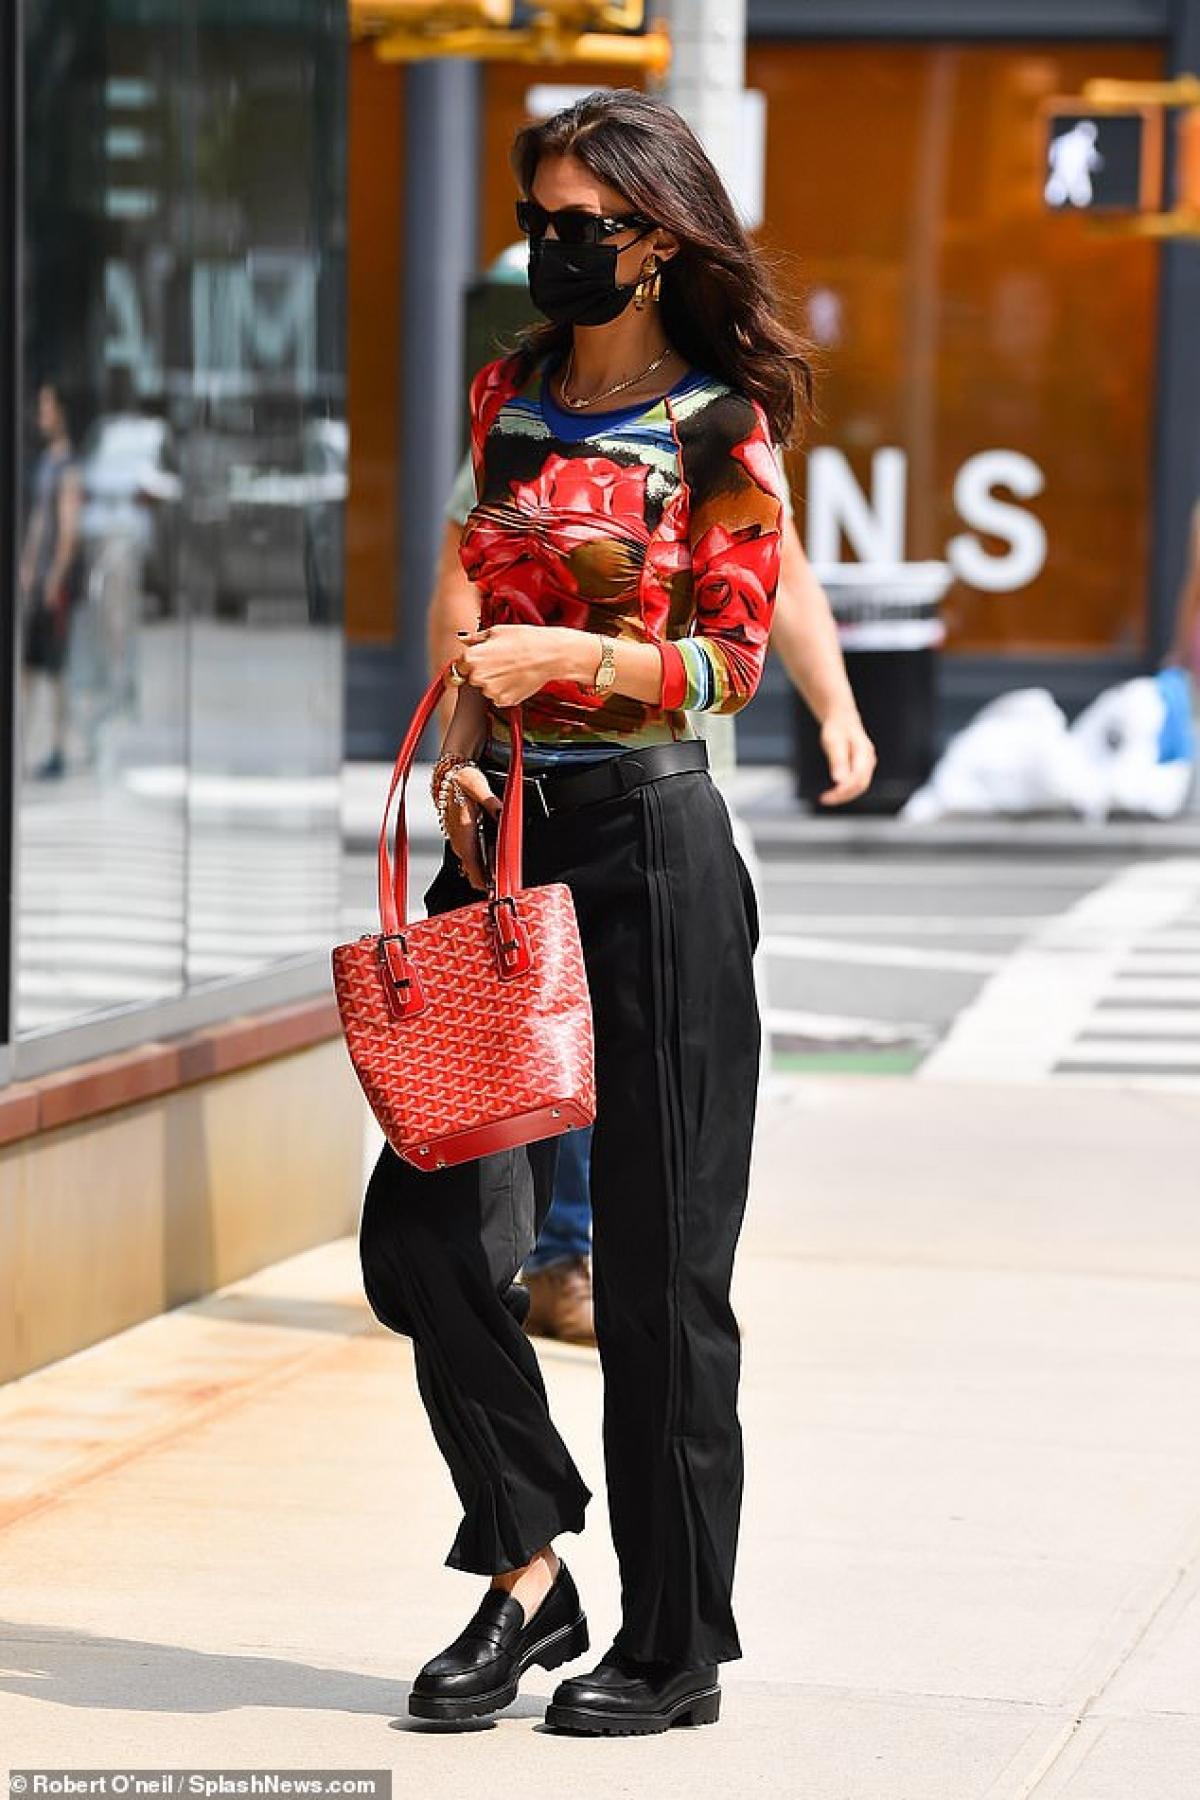 Người mẫu Mỹ diện áo họa tiết hoa hồng đỏ rực phối cùng quần suông trẻ trung, thanh lịch.